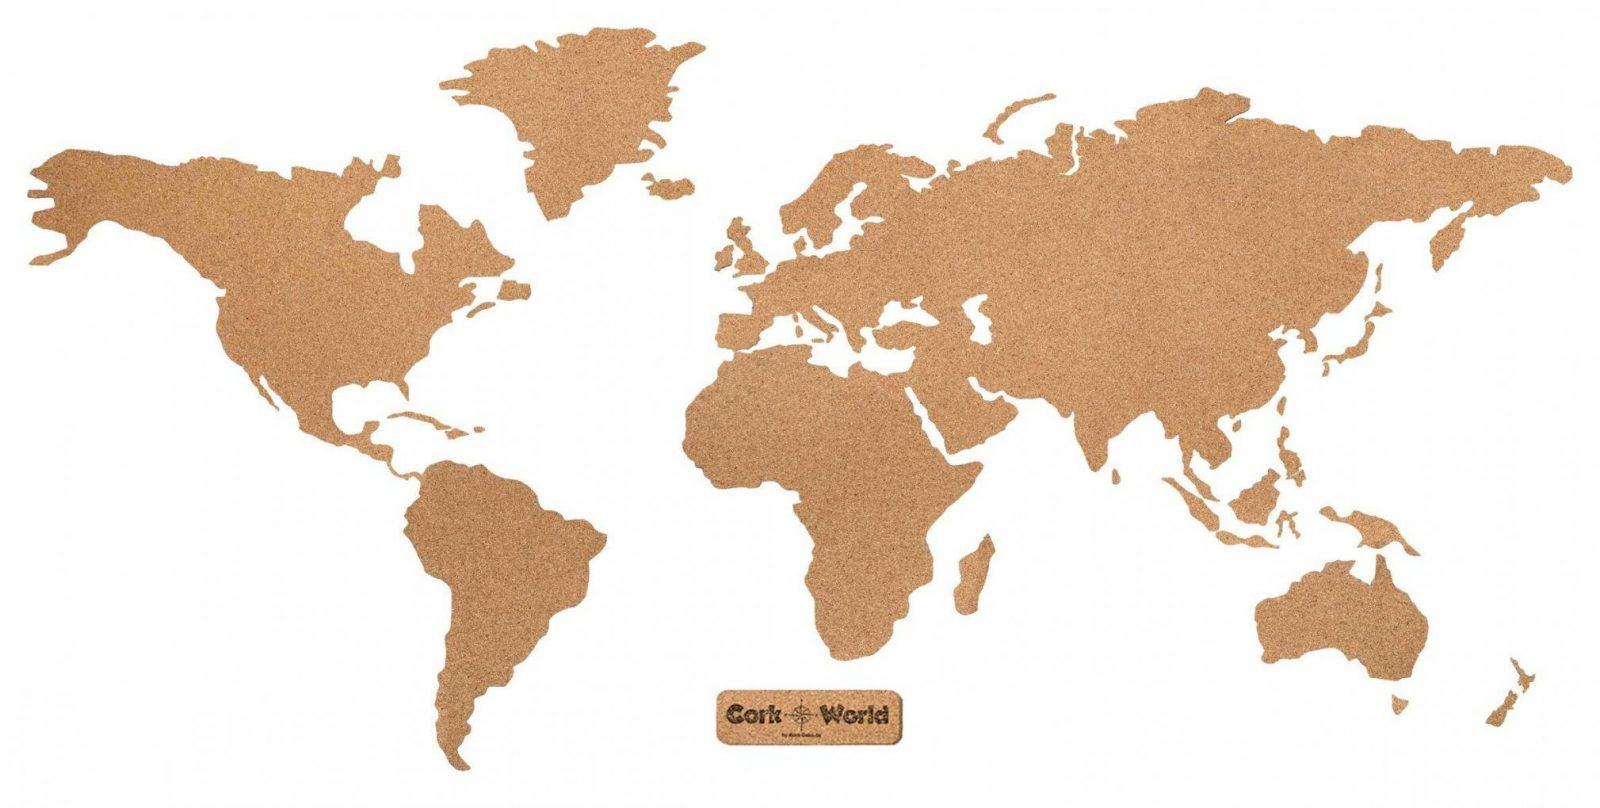 Corkworld – Weltkarte Als Pinnwand Aus Kork Xxl 210X105 Cm von Weltkarte Kork Selber Machen Photo